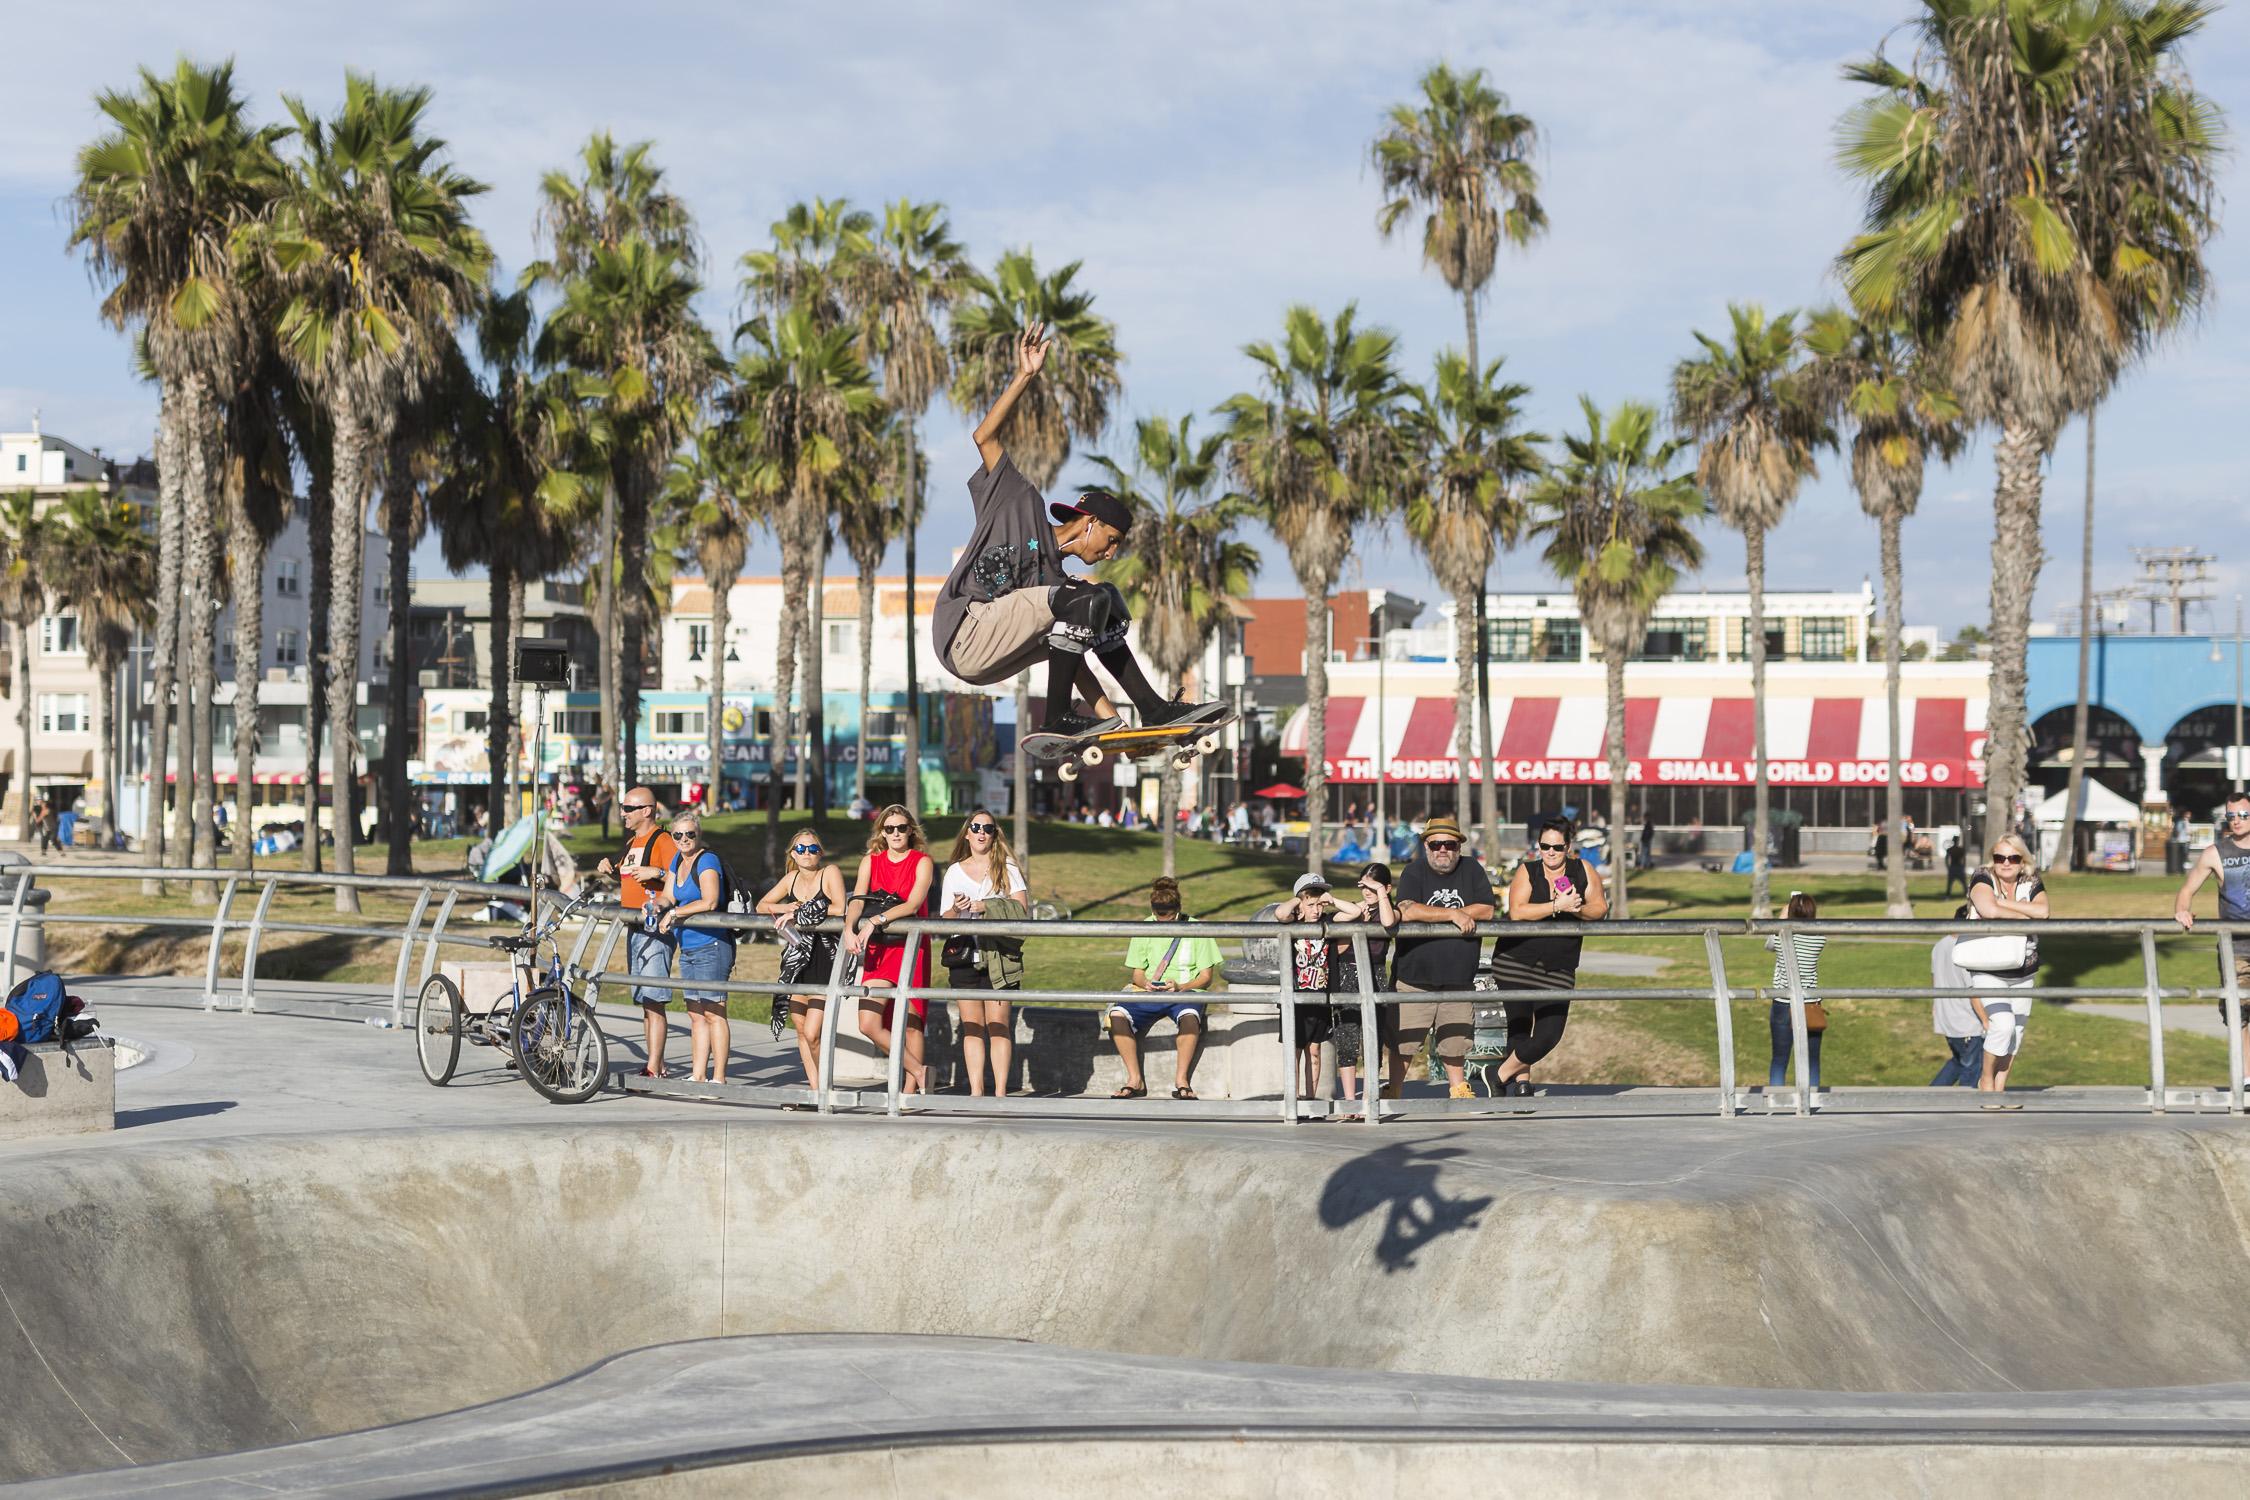 Portfolio(20151028 – Skater Venice Beach Skate Park – 41)